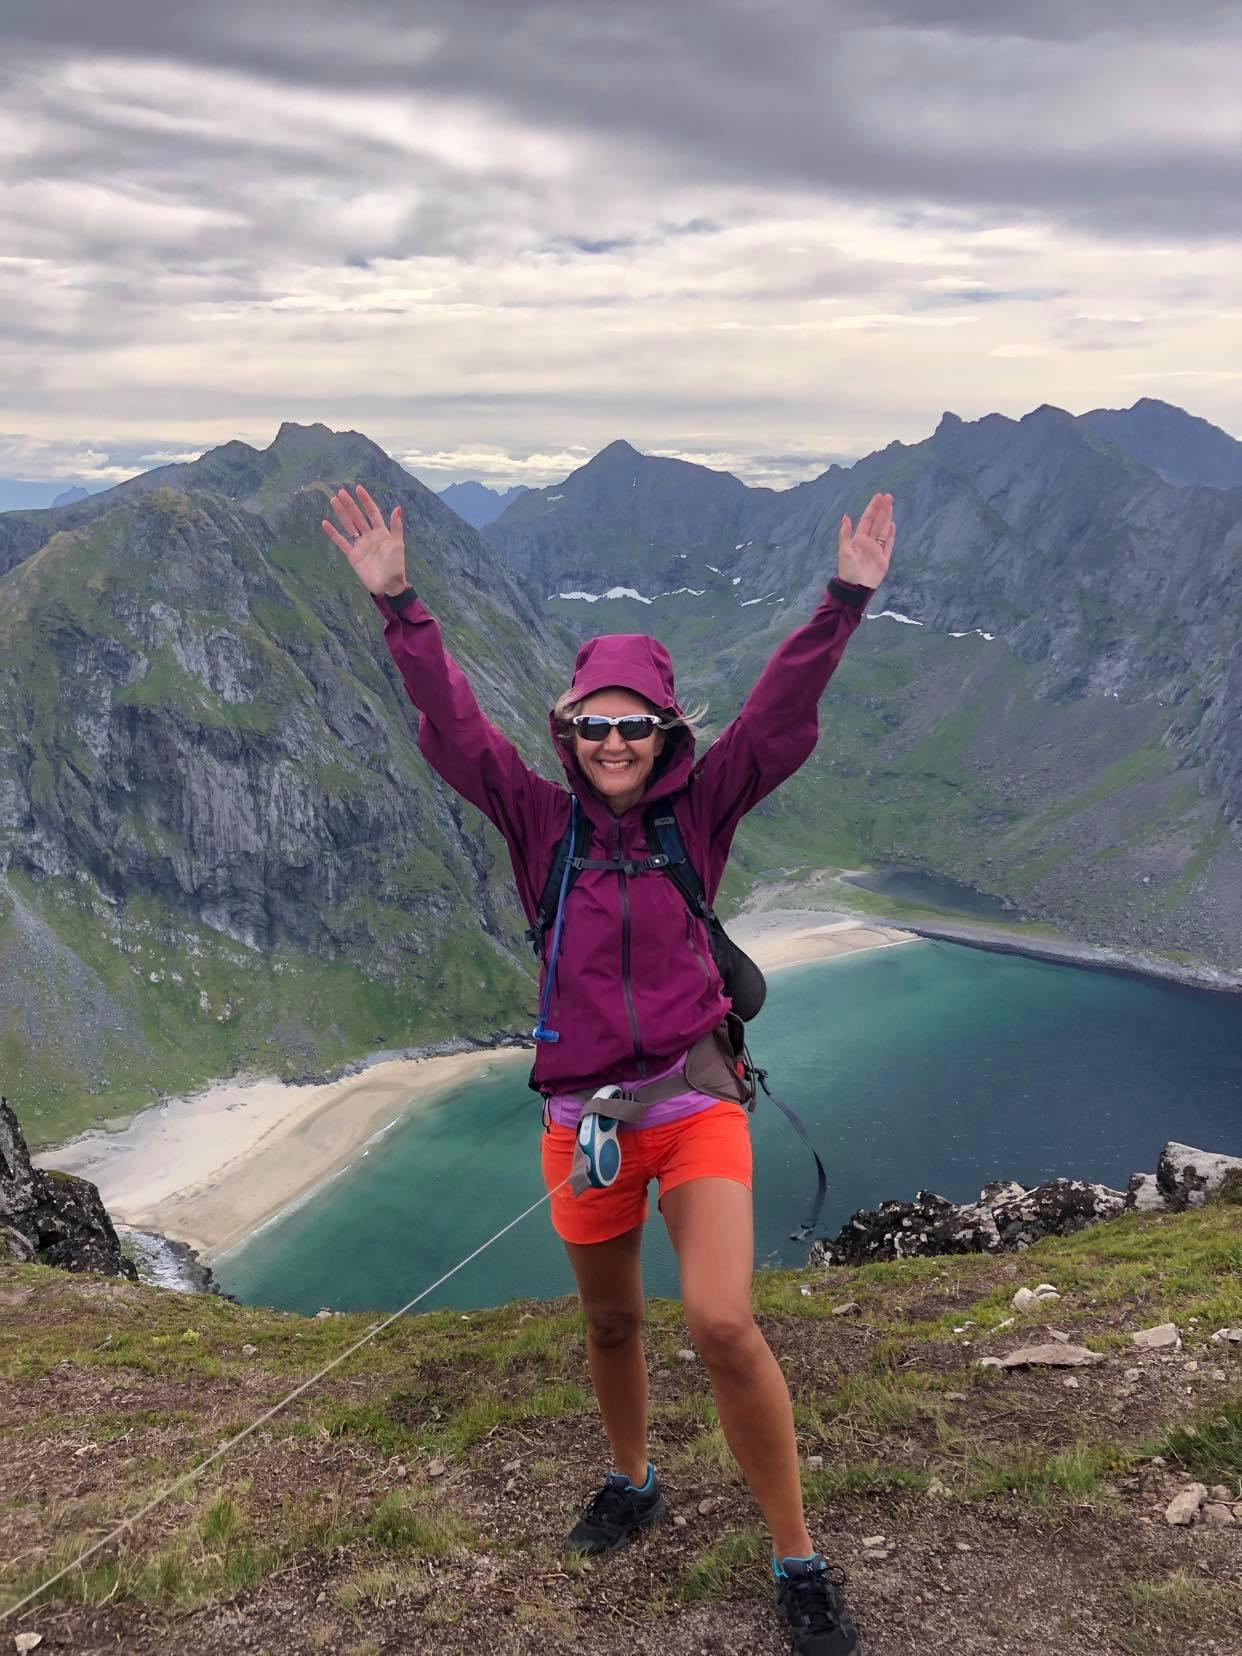 Hilde står i lilla jakke og shorts på toppen av et fjell i shorts og solbriller. I bakgrunnen er det storslått utsikt over fjell og strandlinje